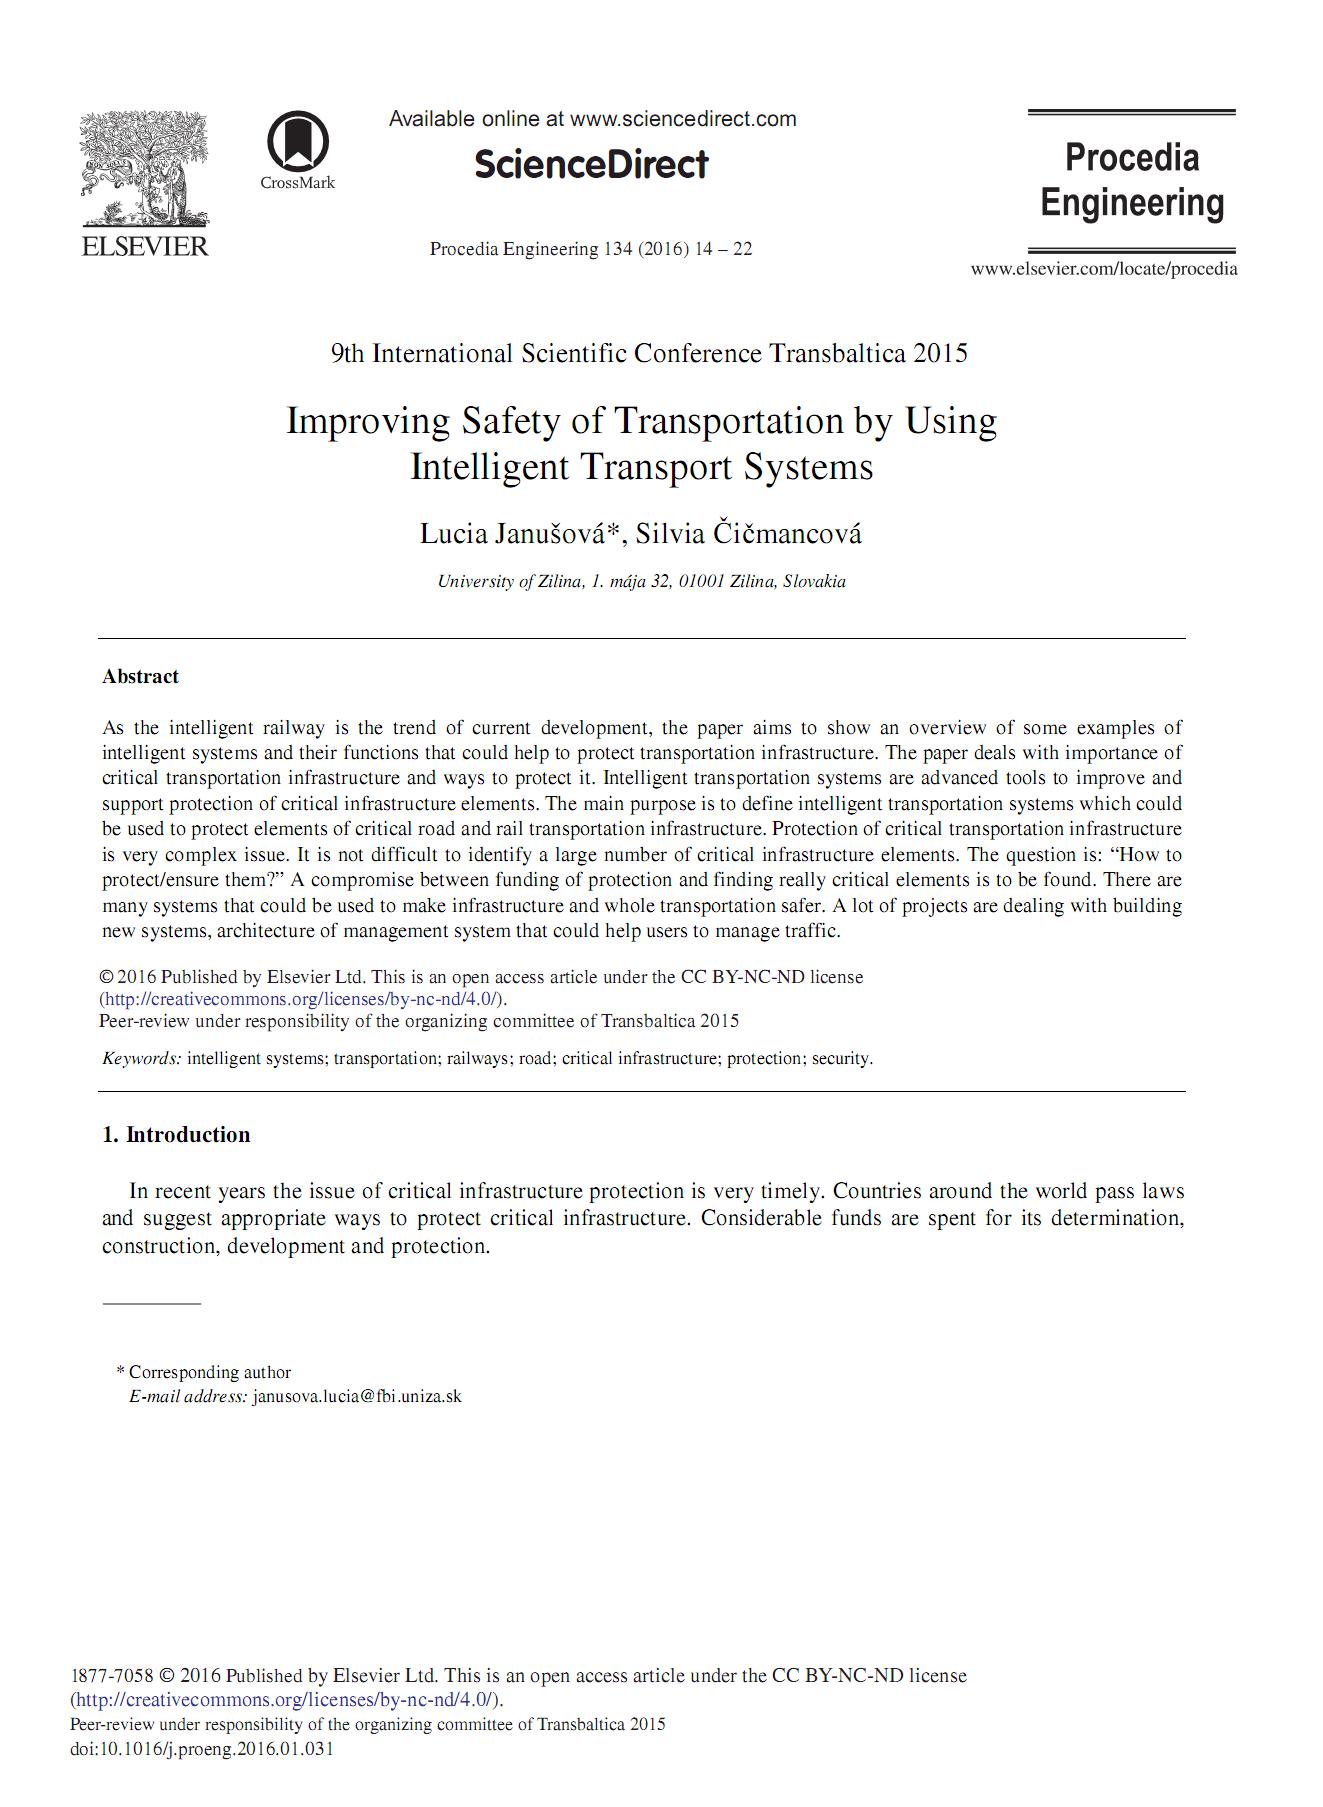 ارتقای ایمنی حمل و نقل با استفاده از سیستم¬های هوشمند حمل و نقل